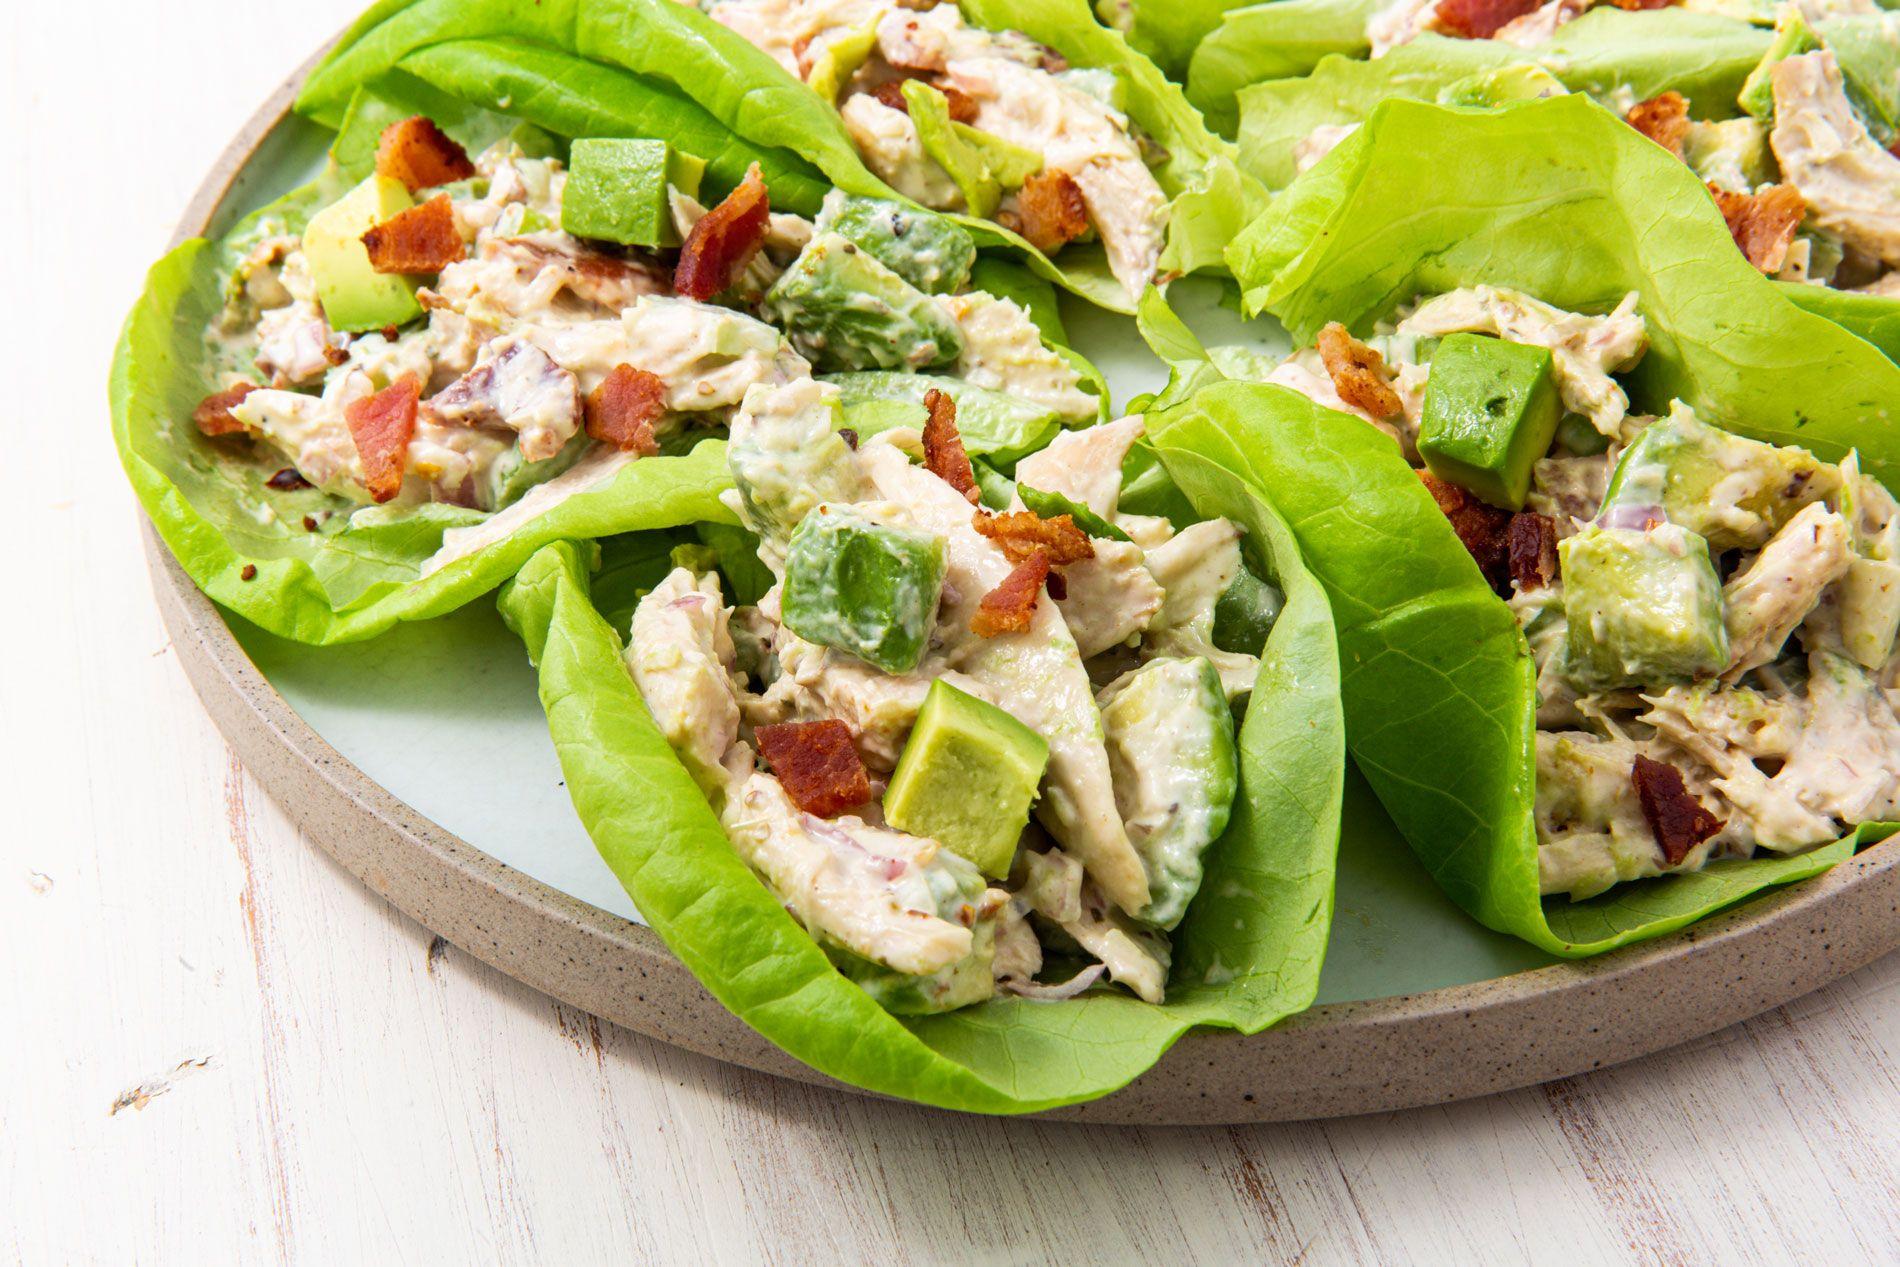 chicken salad ik for keto diet